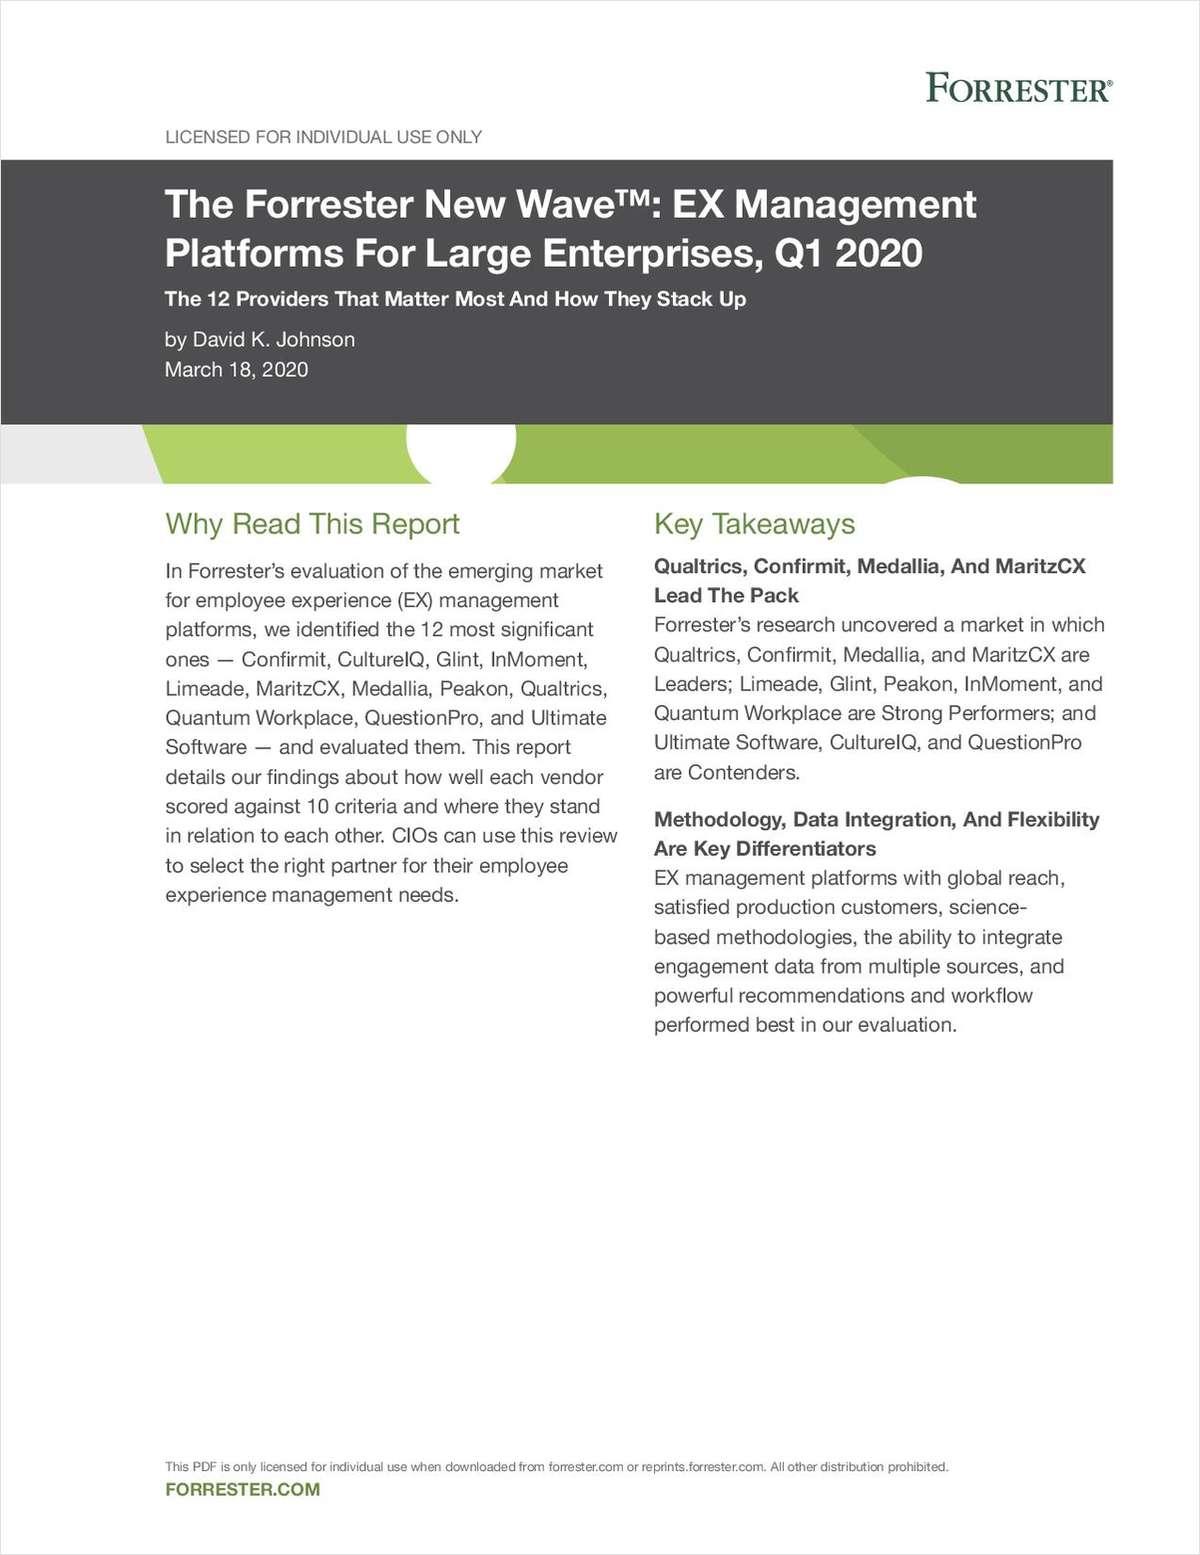 The Forrester Wave™: EX Management Platforms For Large Enterprises, Q1 2020